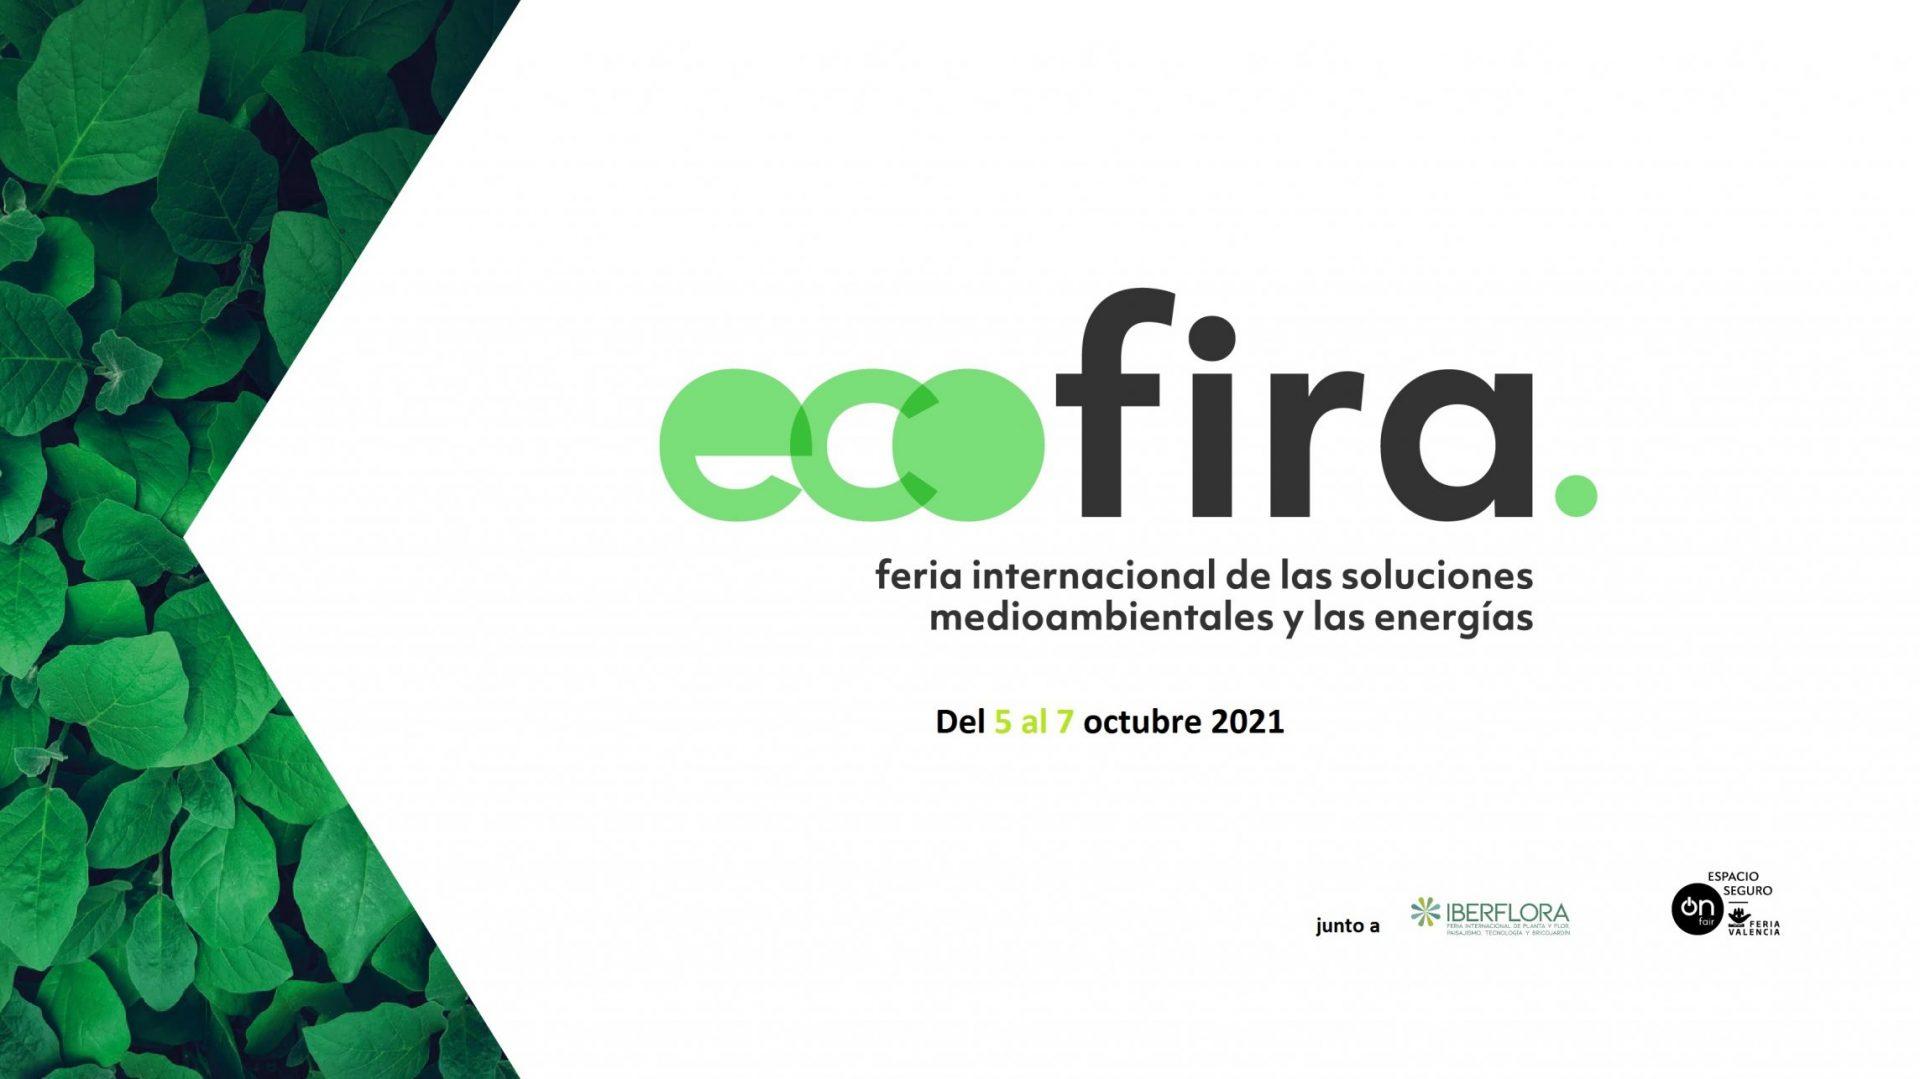 Ecofira